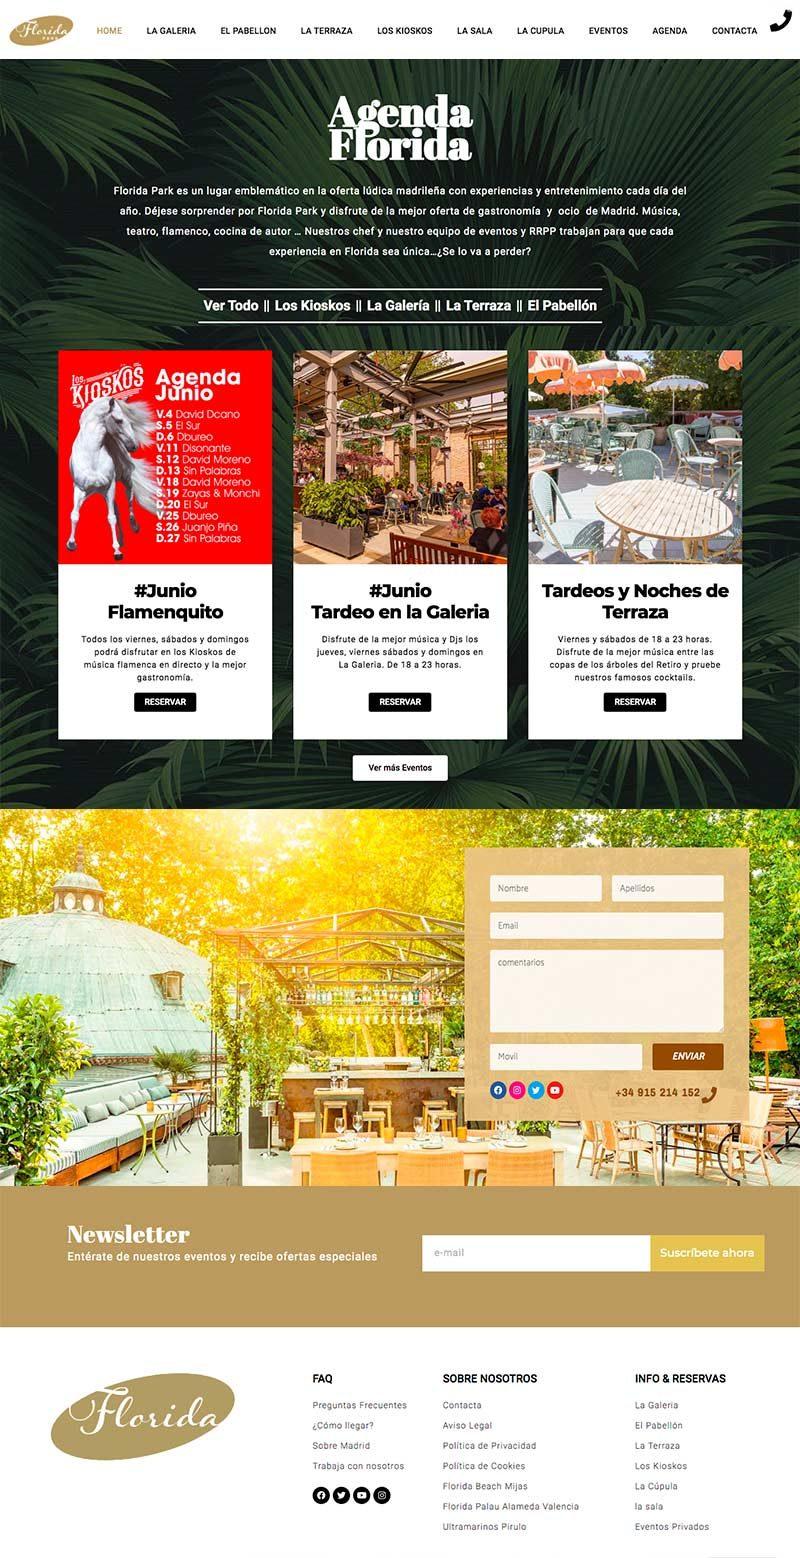 web-florida-park-agenda